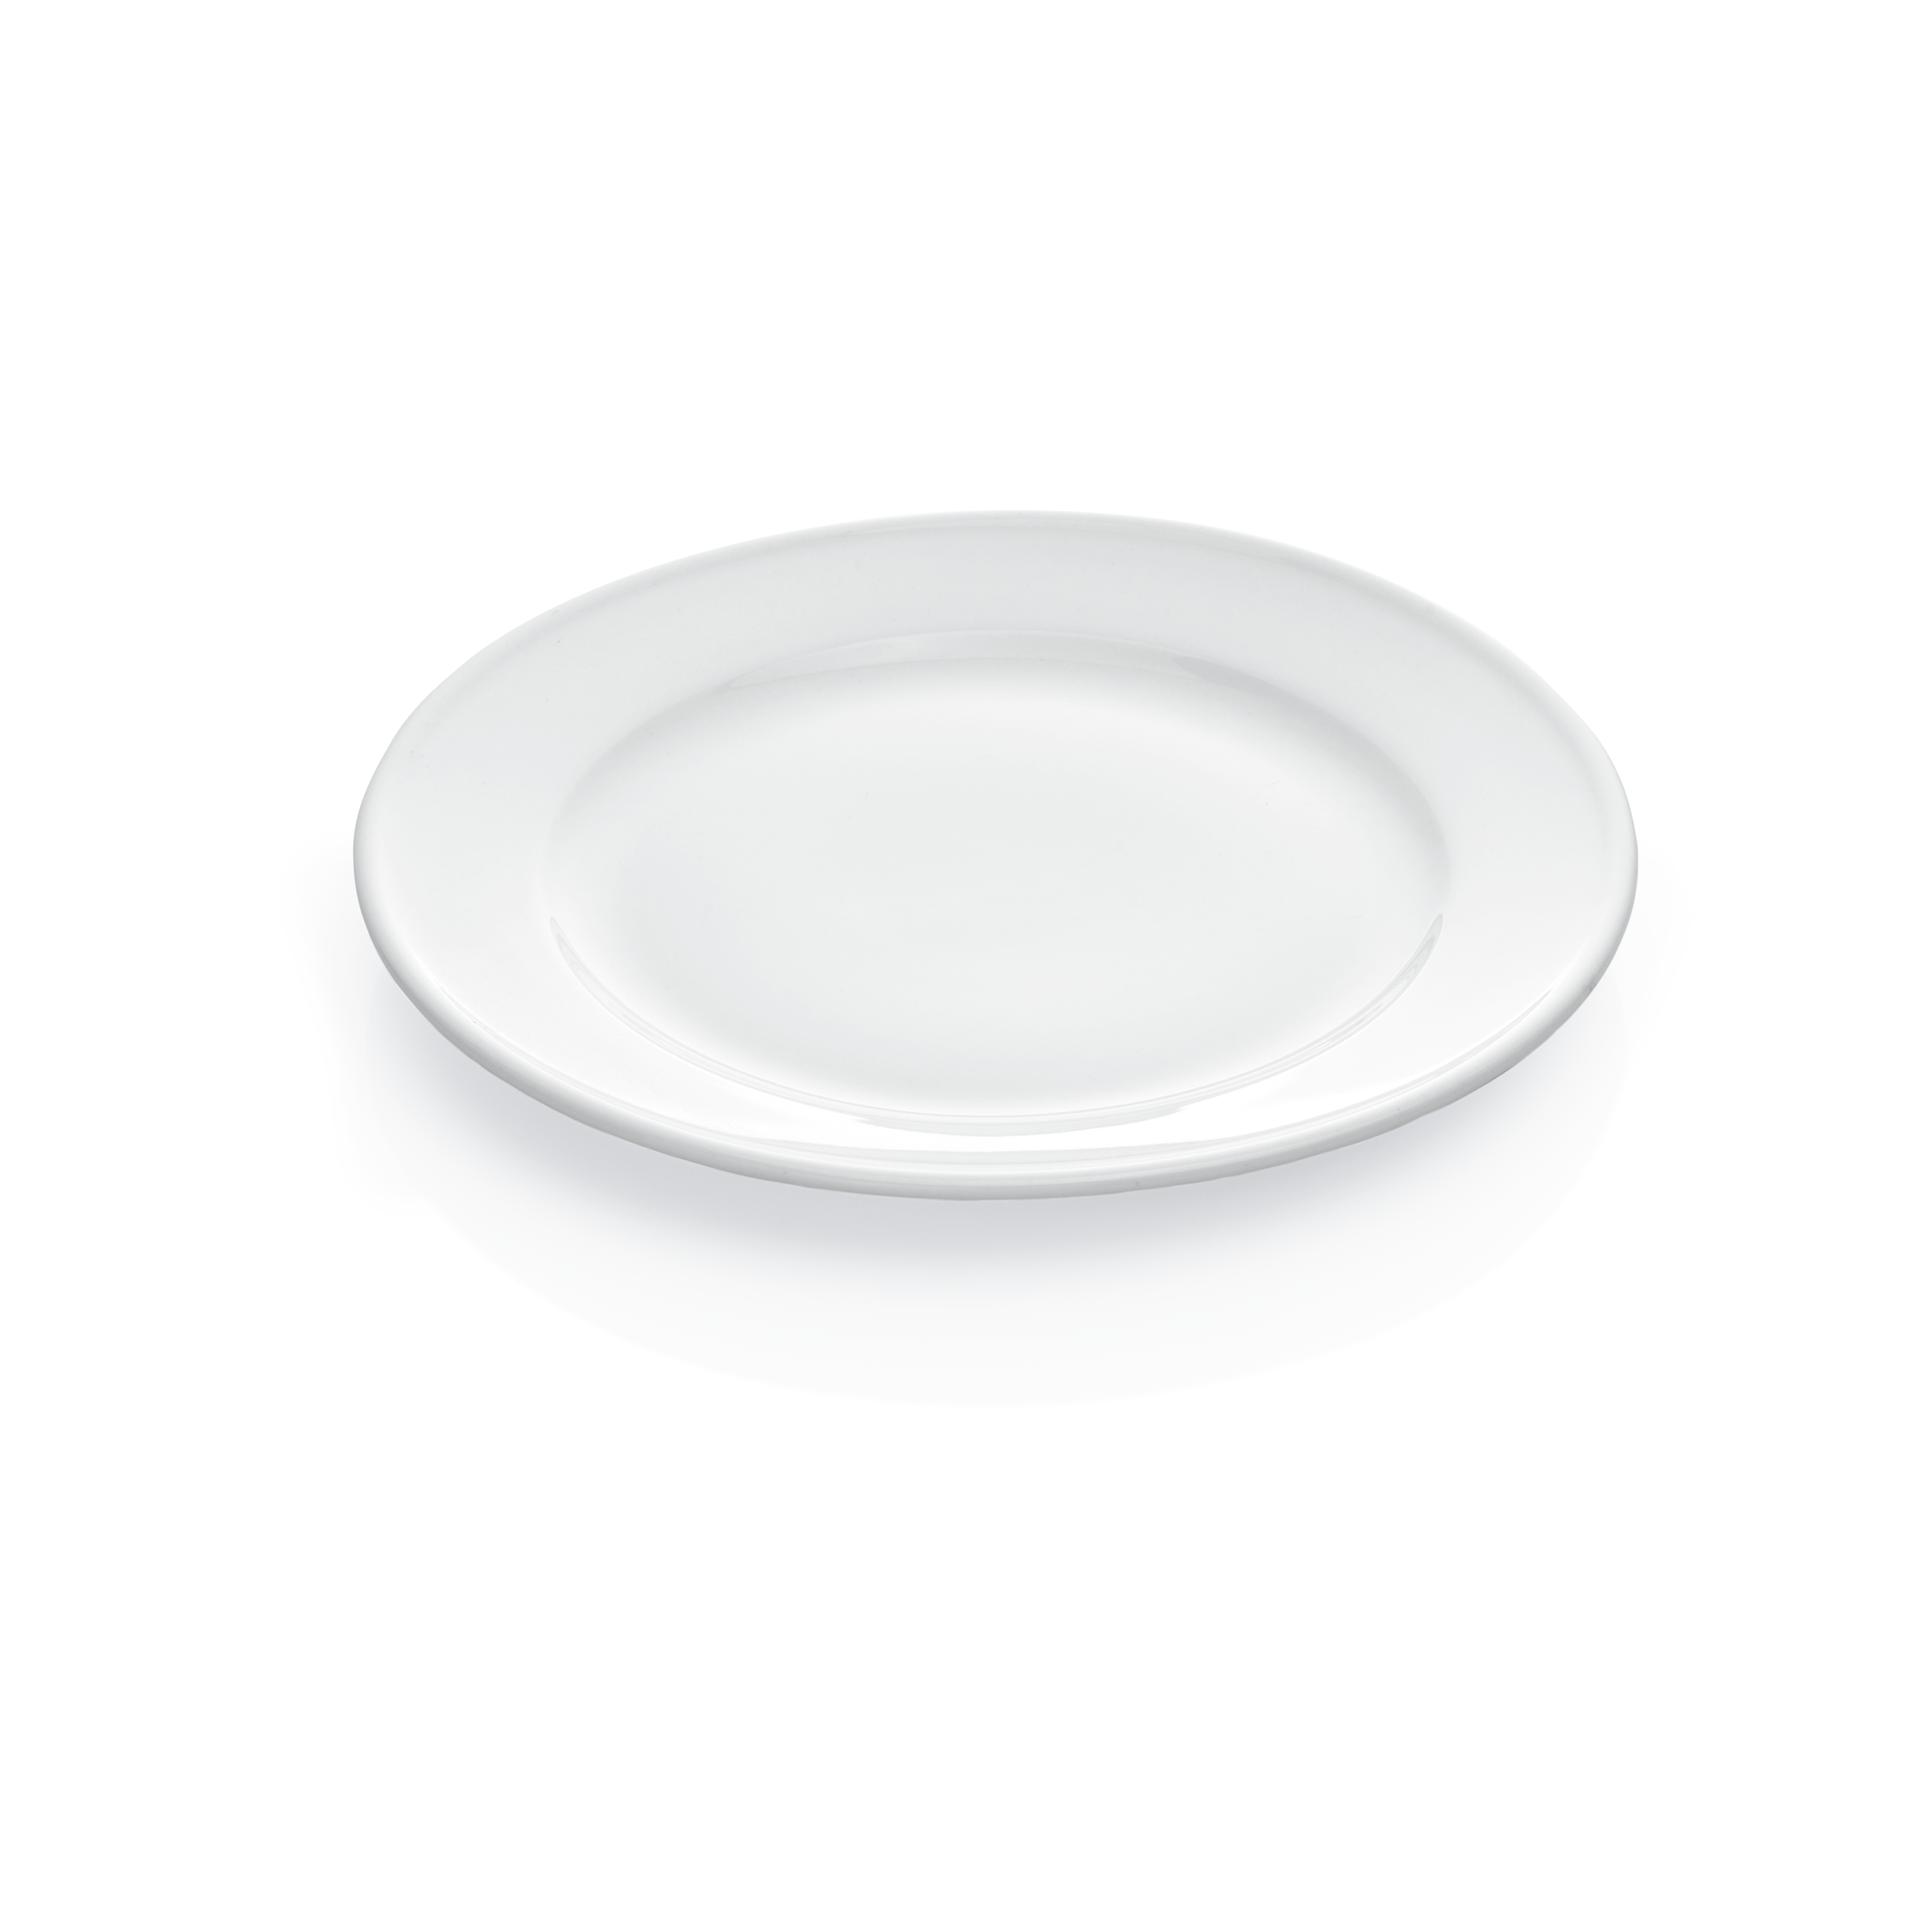 teller 23cm porzellan sofort g nstig online kaufen gastro billig gastronomie und